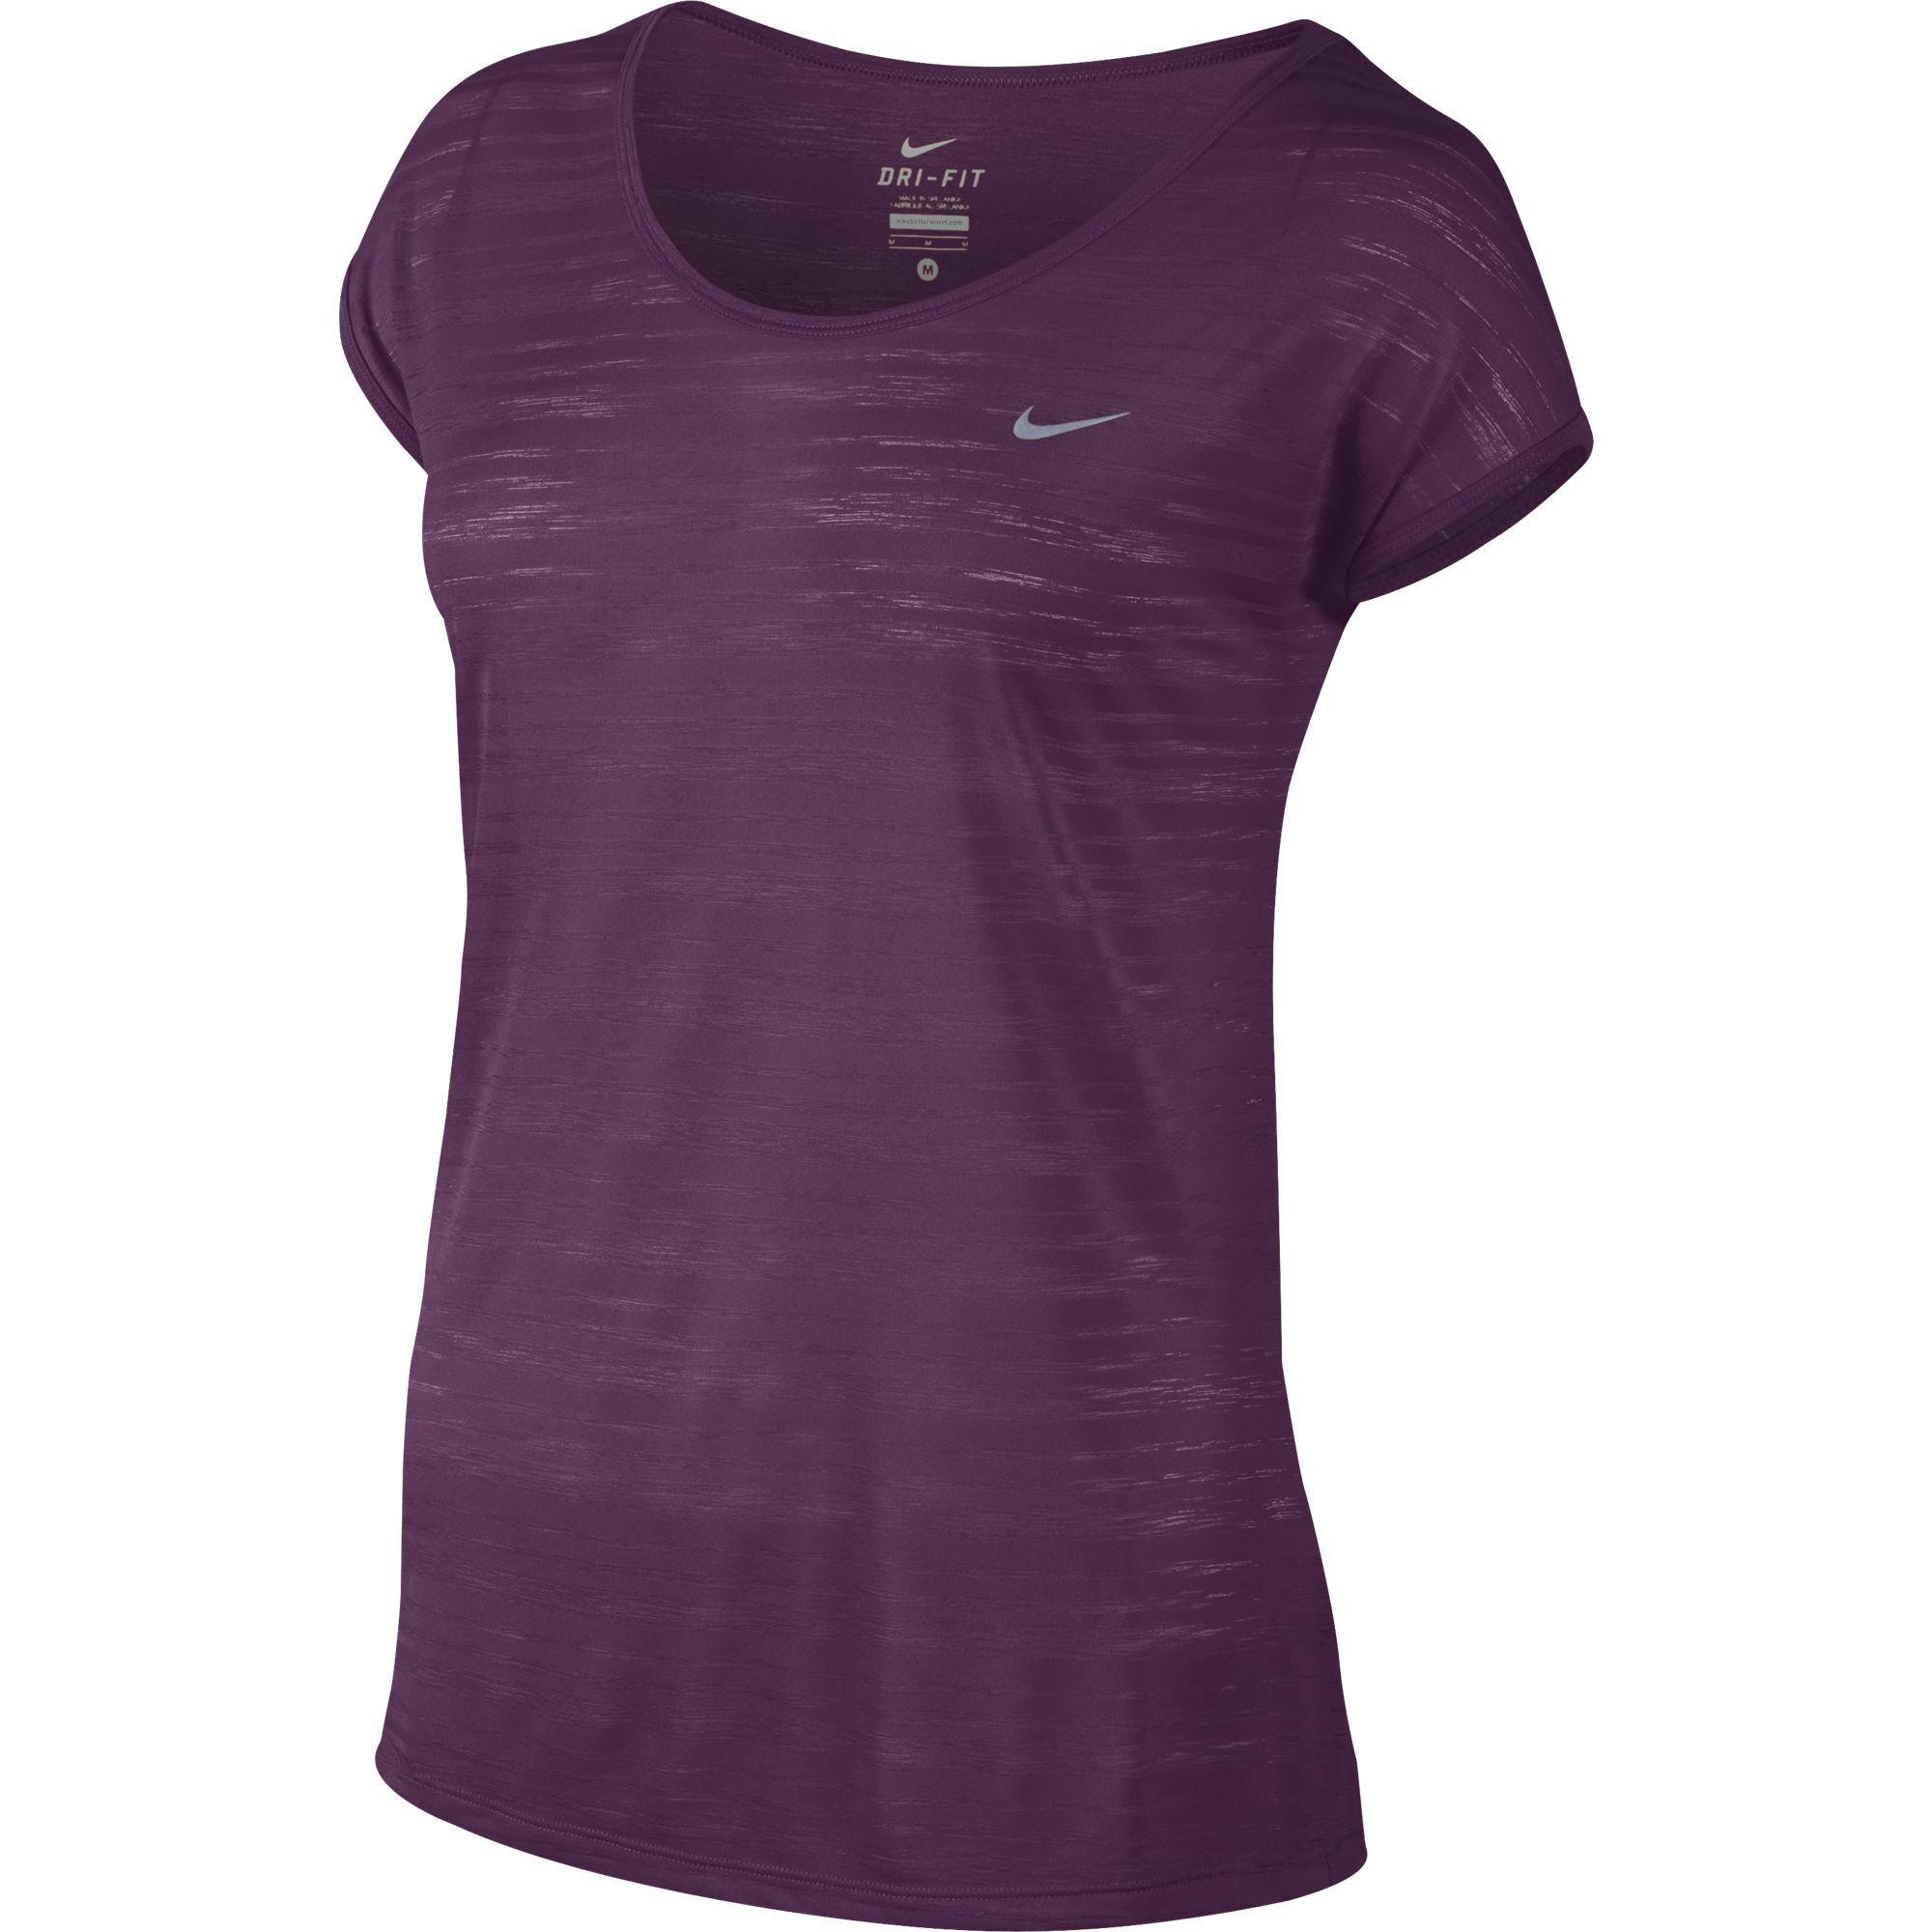 new styles 416a5 d41bc Nike Womens Dri-FIT Cool Breeze Running Top - Mulberry - Tennisnuts.com